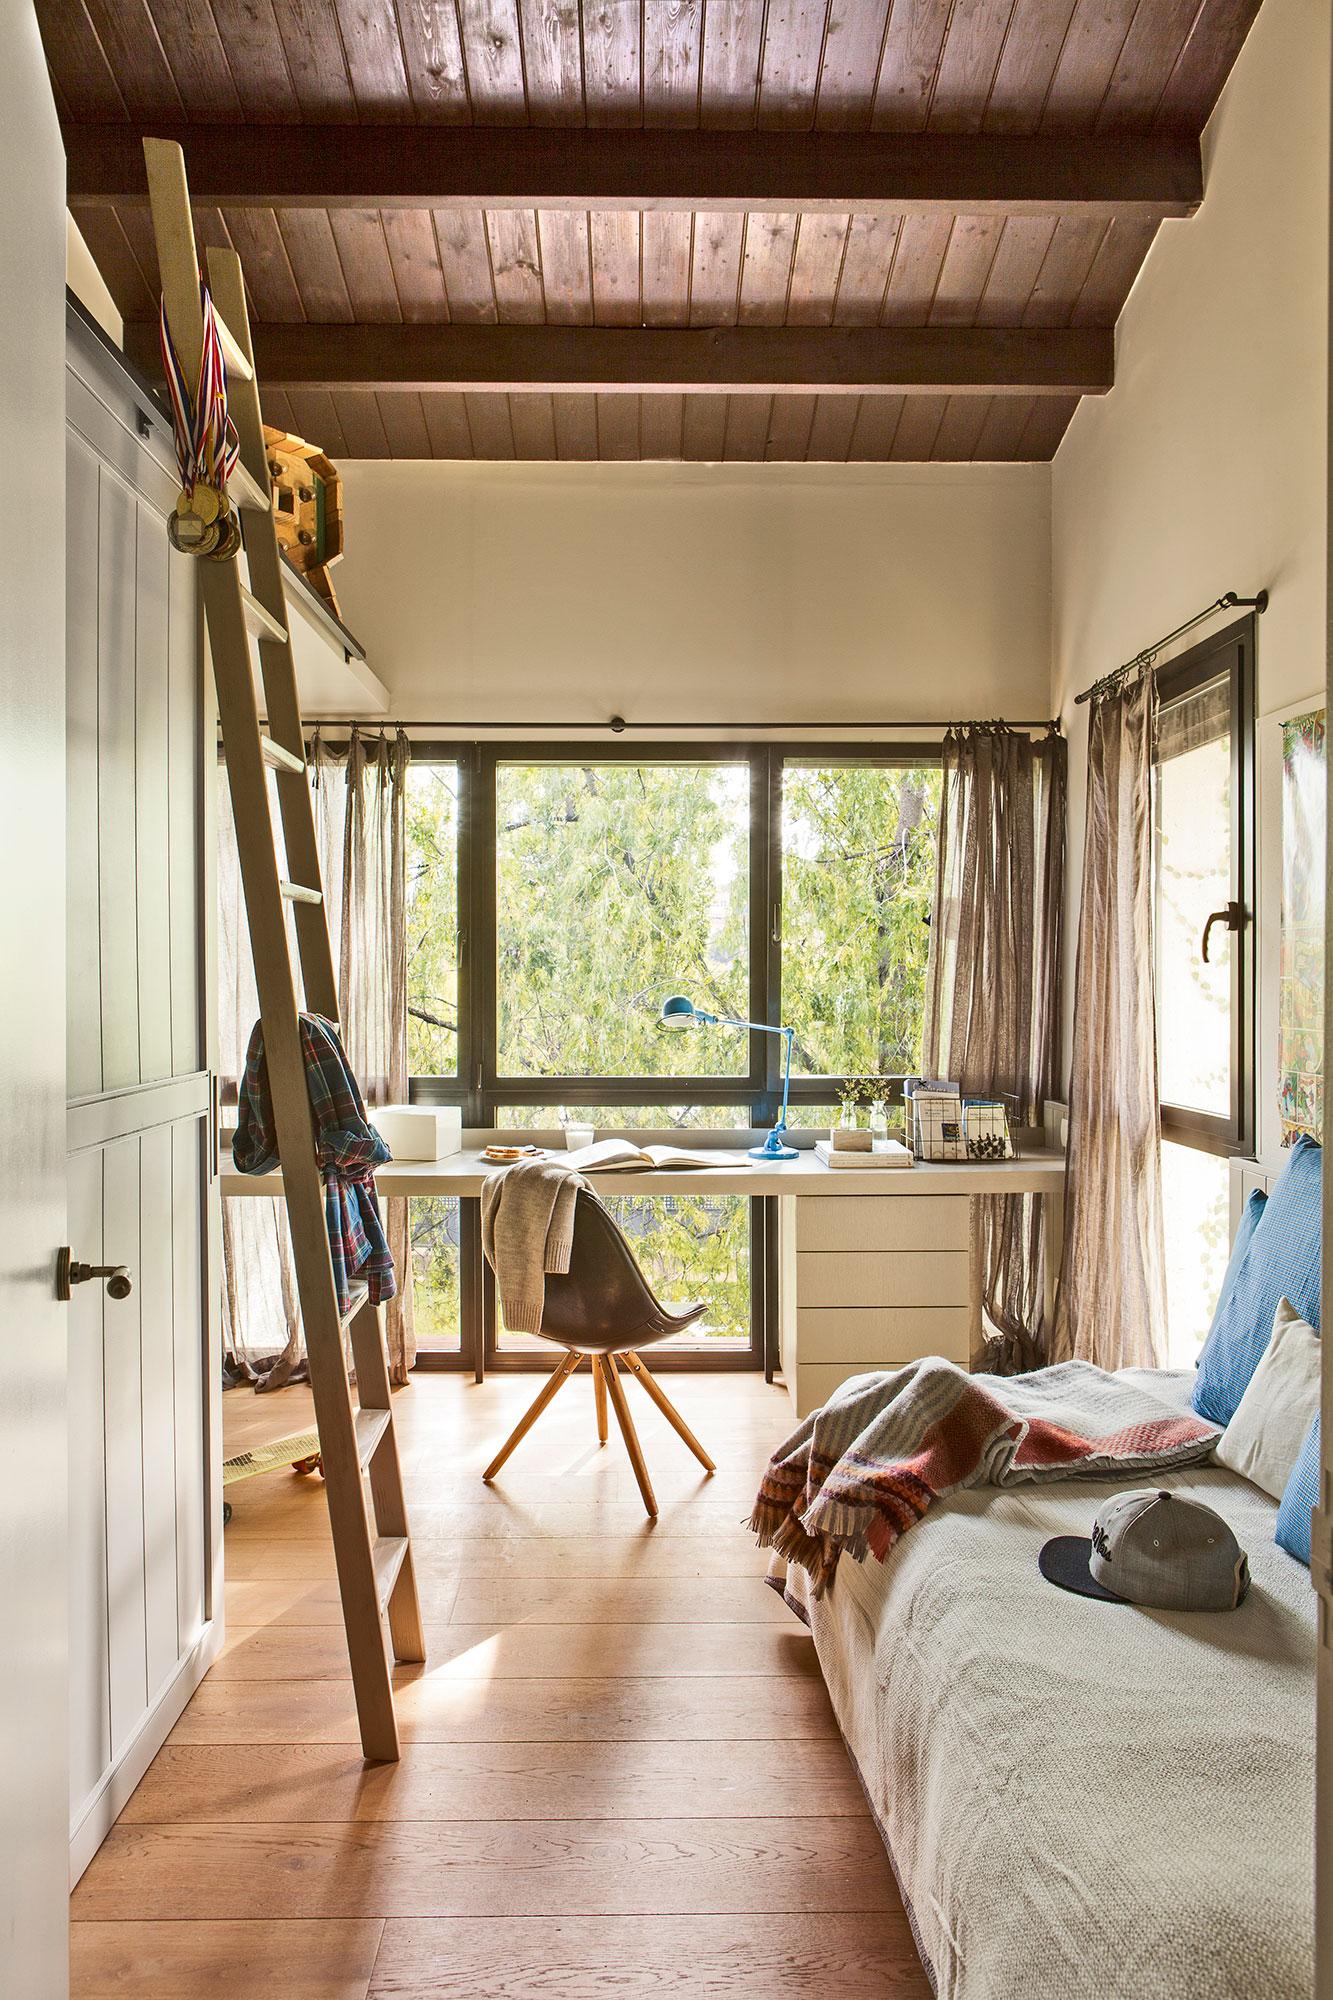 Claves para decorar la habitaci n de los ni os de beb a - Camas pegadas ala pared ...